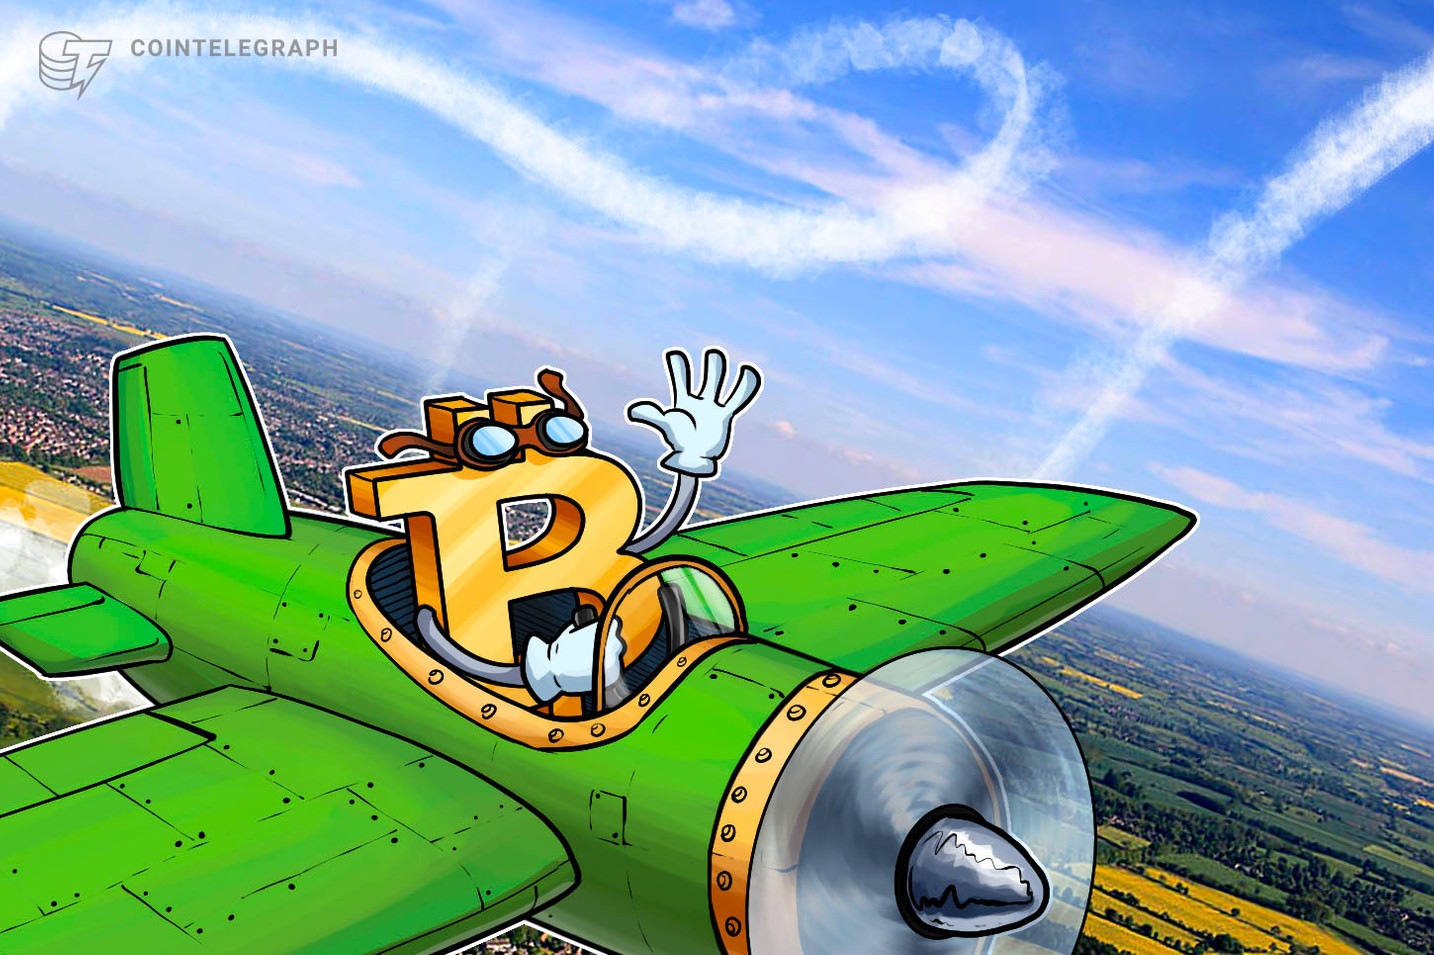 El precio de Bitcoin se mantiene en USD 6,800, desafiando las predicciones de probar nuevos mínimos